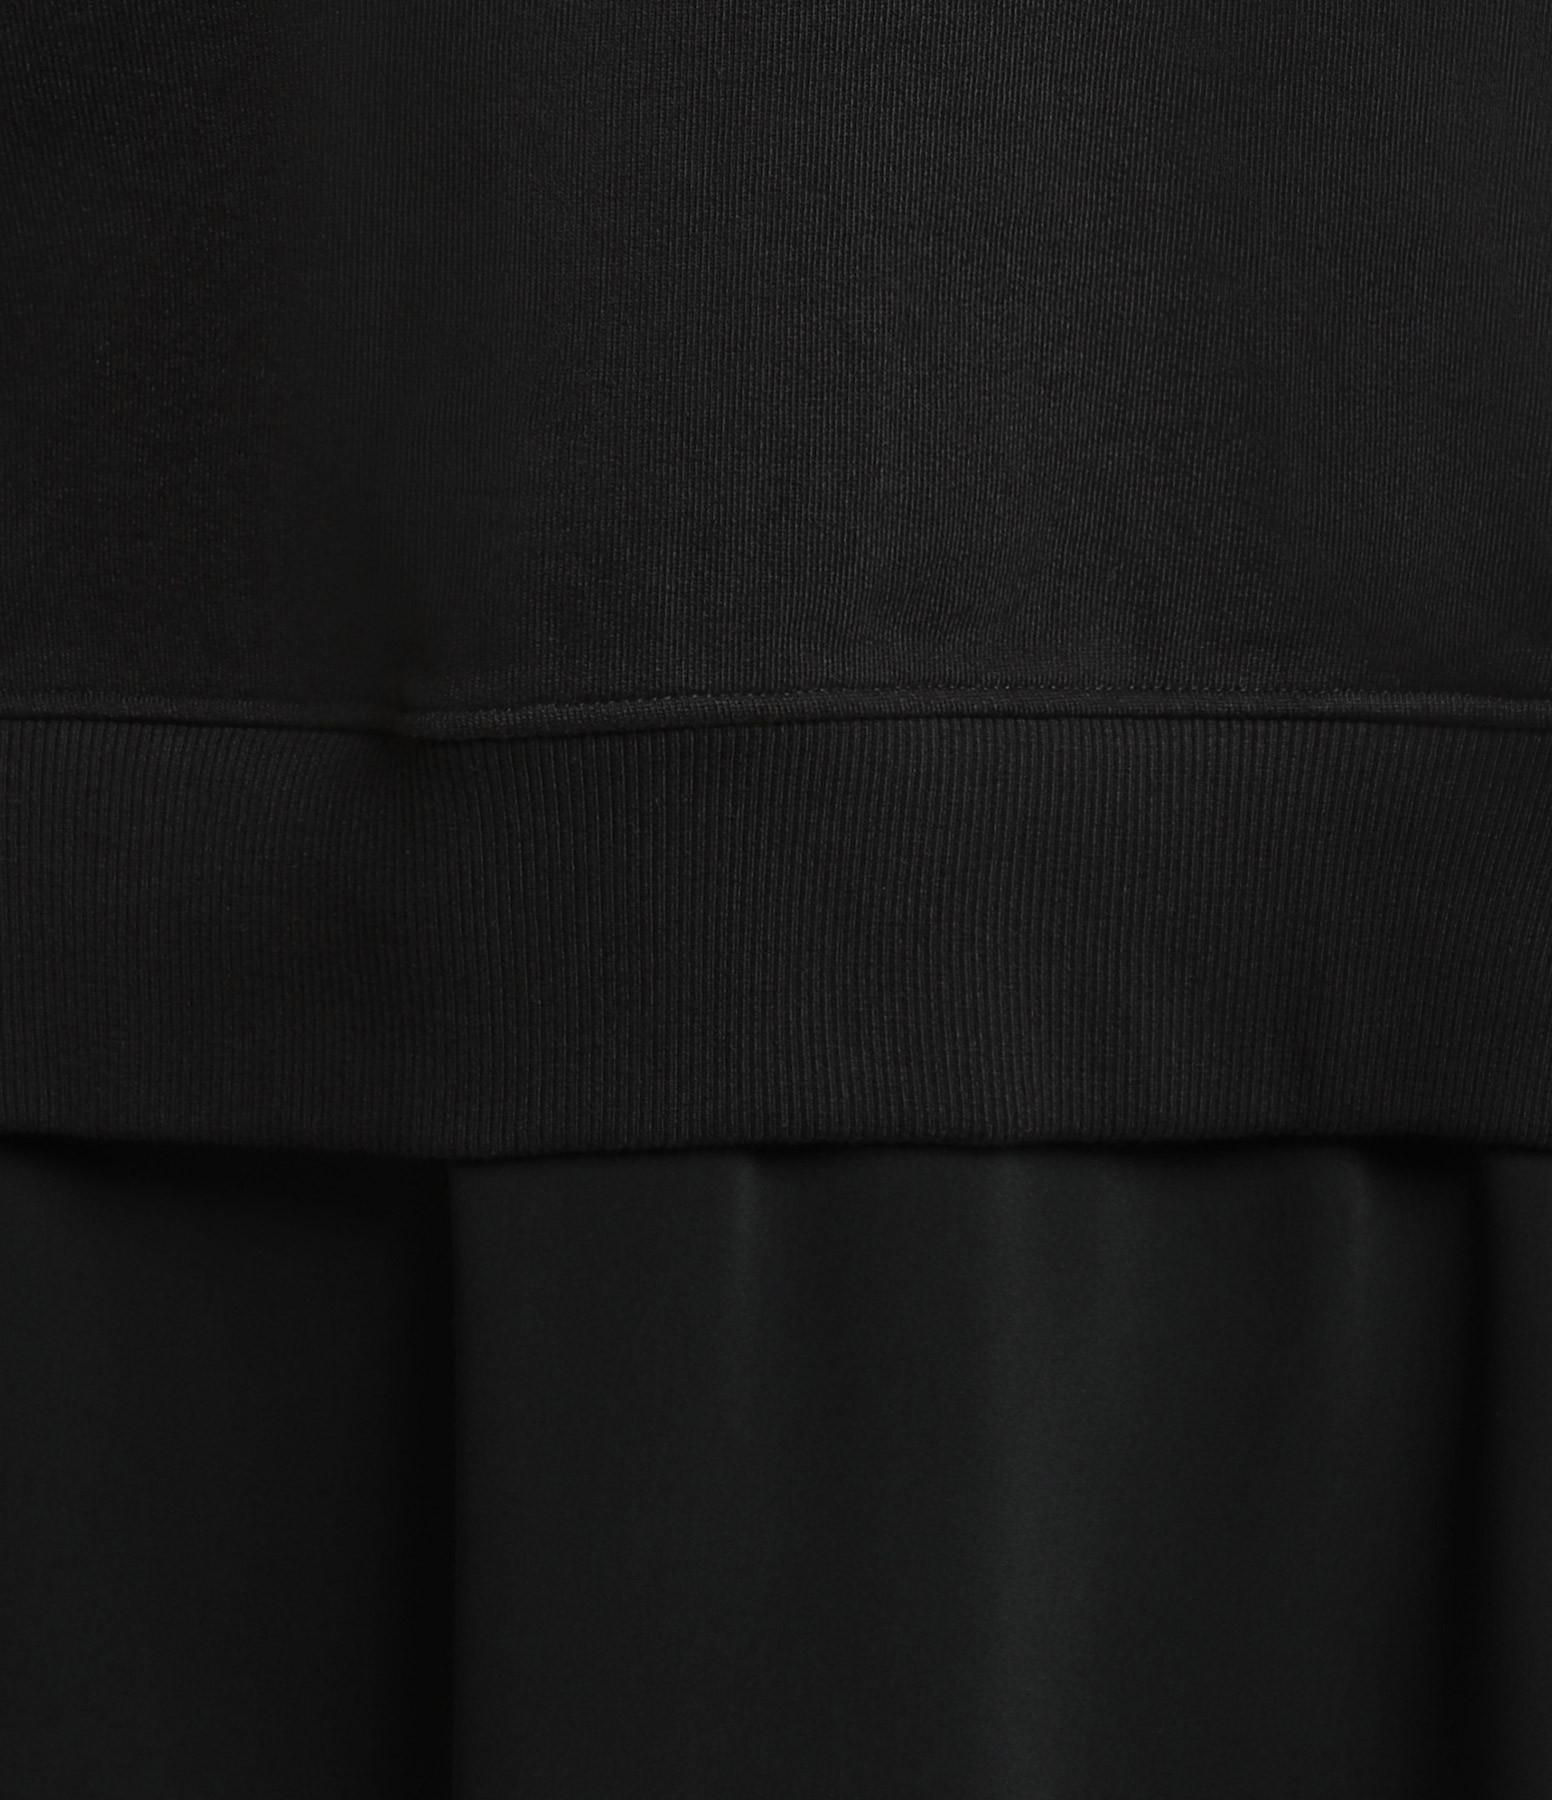 MM6 MAISON MARGIELA - Pull Rectangle Noir